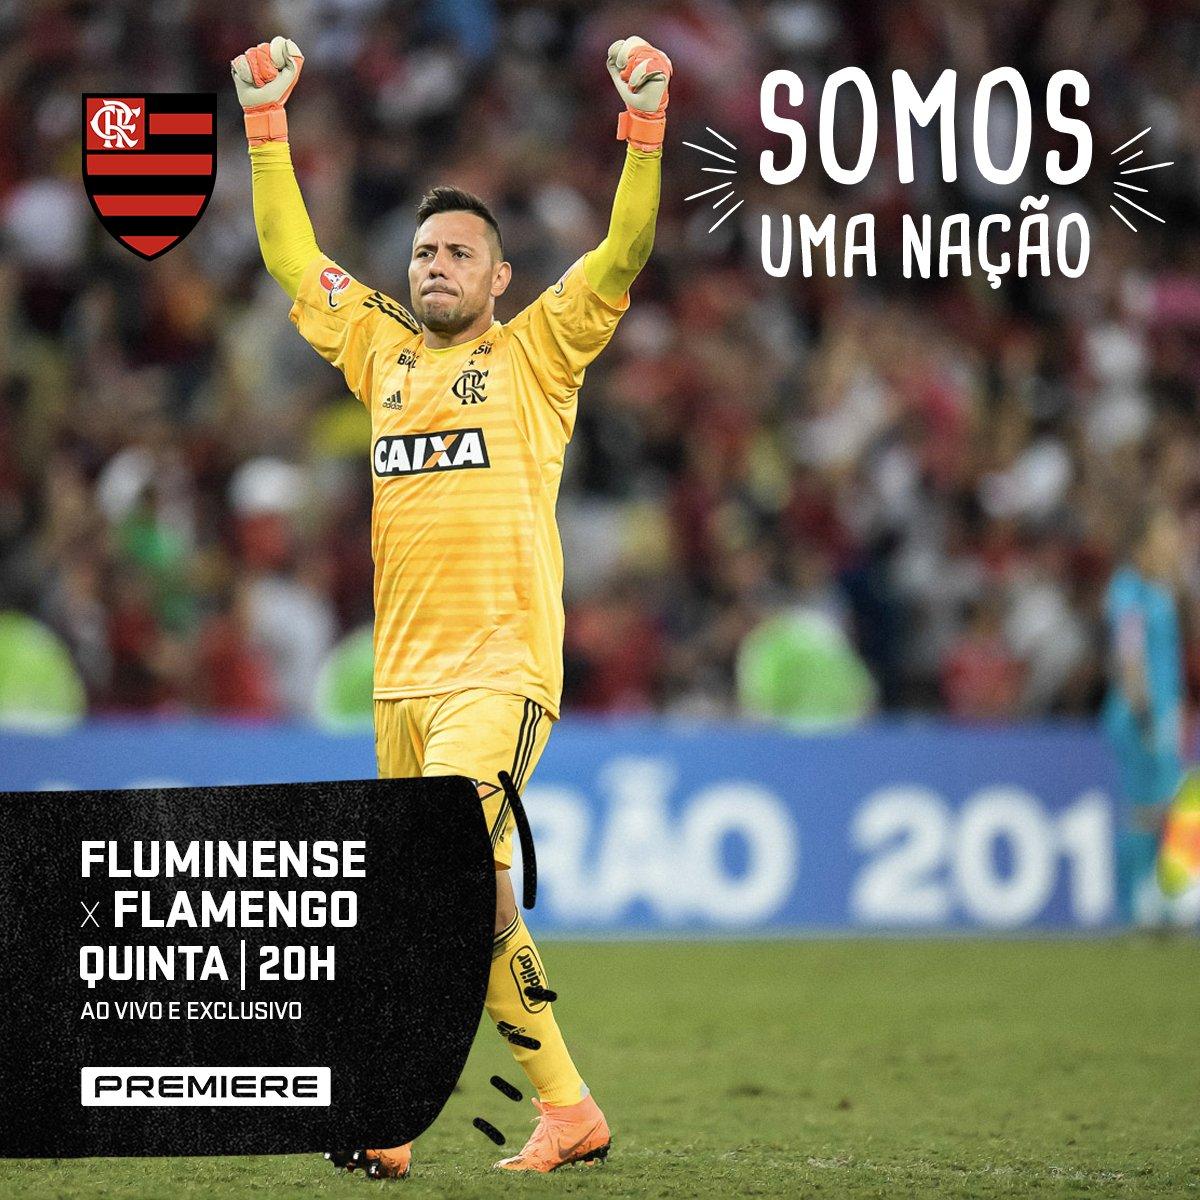 Amanhã é dia de FLAxFLU no Mané Garrincha e a transmissão é exclusiva do Canal Premiere. Acompanhe mais um desafio do Mengão na liderança do Brasileirão 2018! #VamosFlamengo